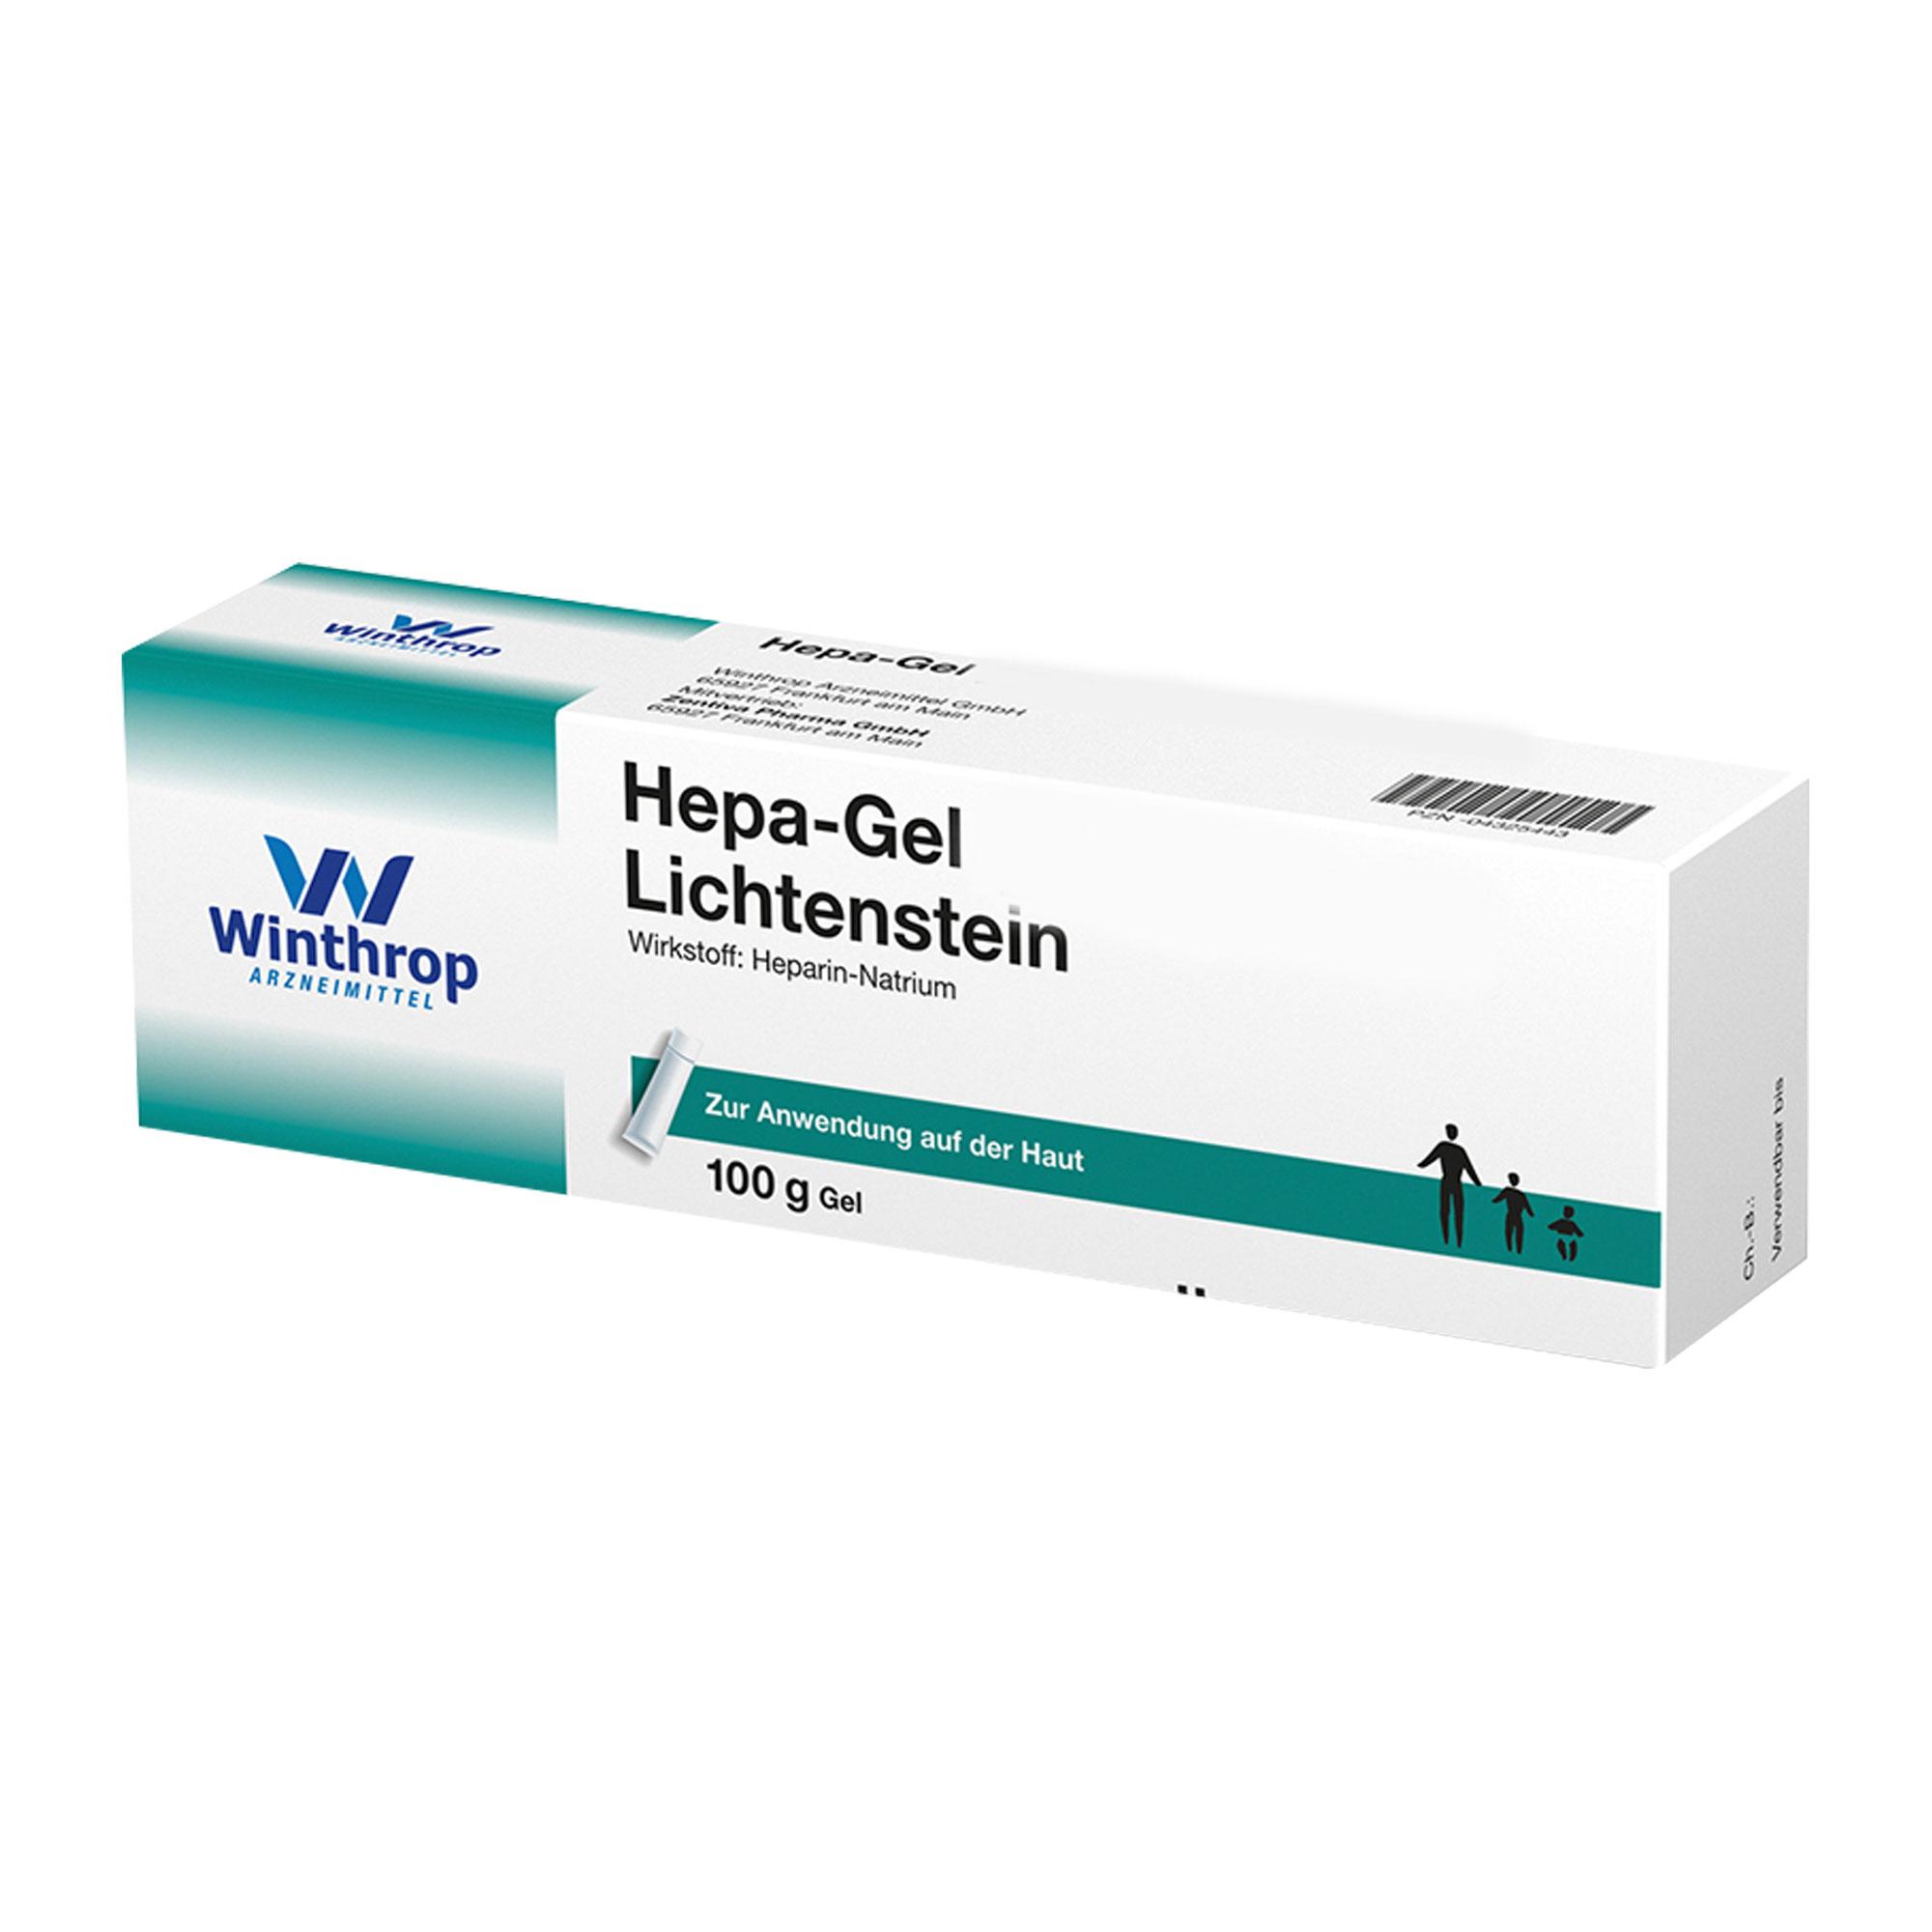 Hepa GEL 30. 000 I.E. Lichtenstein